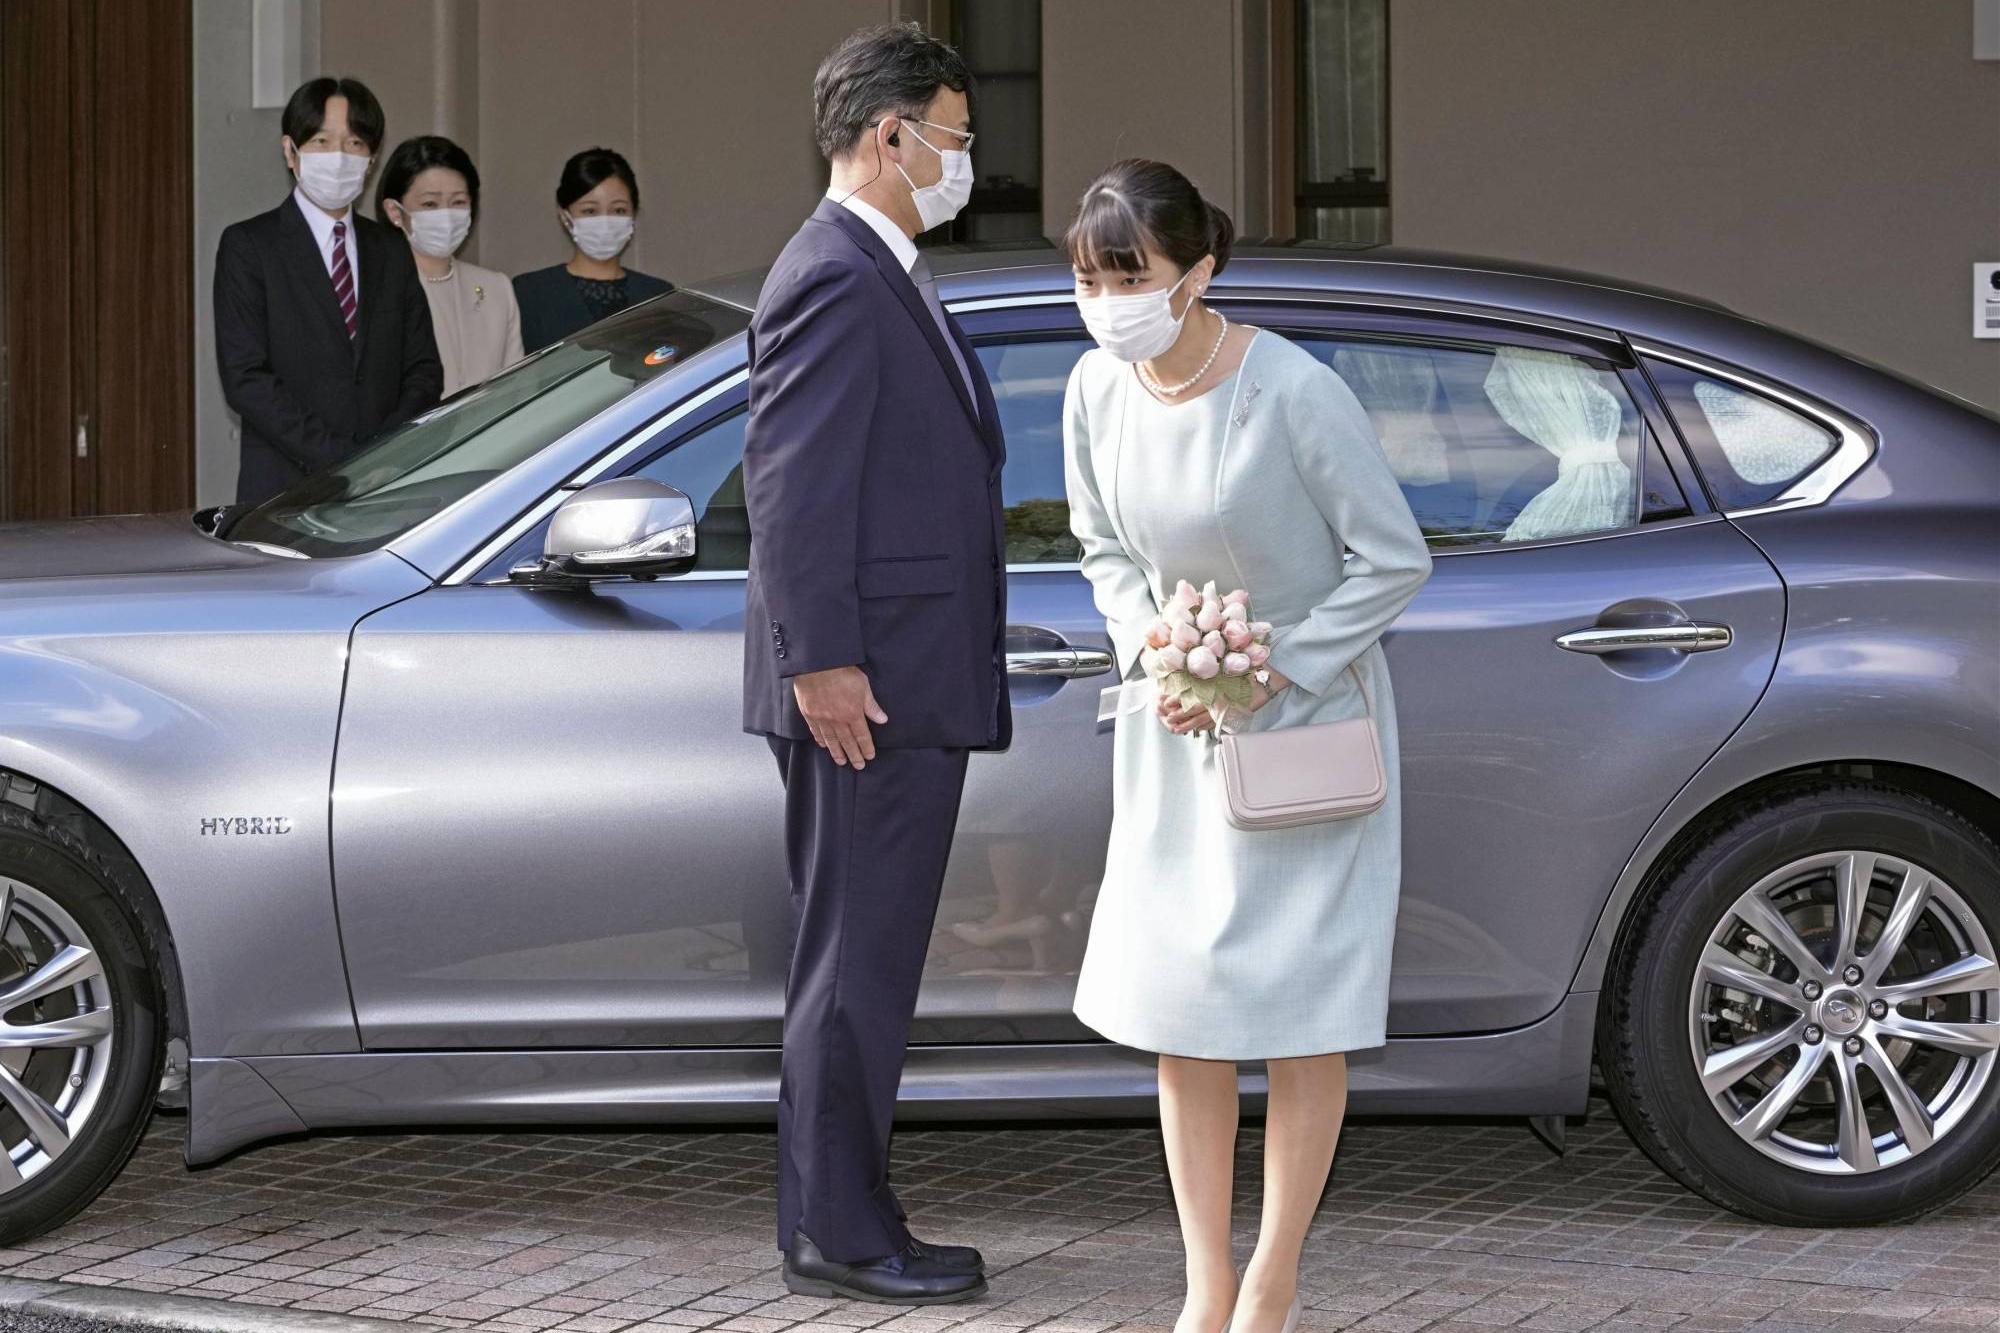 Cưới thường dân, công chúa Nhật Bản nghẹn ngào bước lên Infiniti Q50 Hybrid 'theo chồng về dinh'